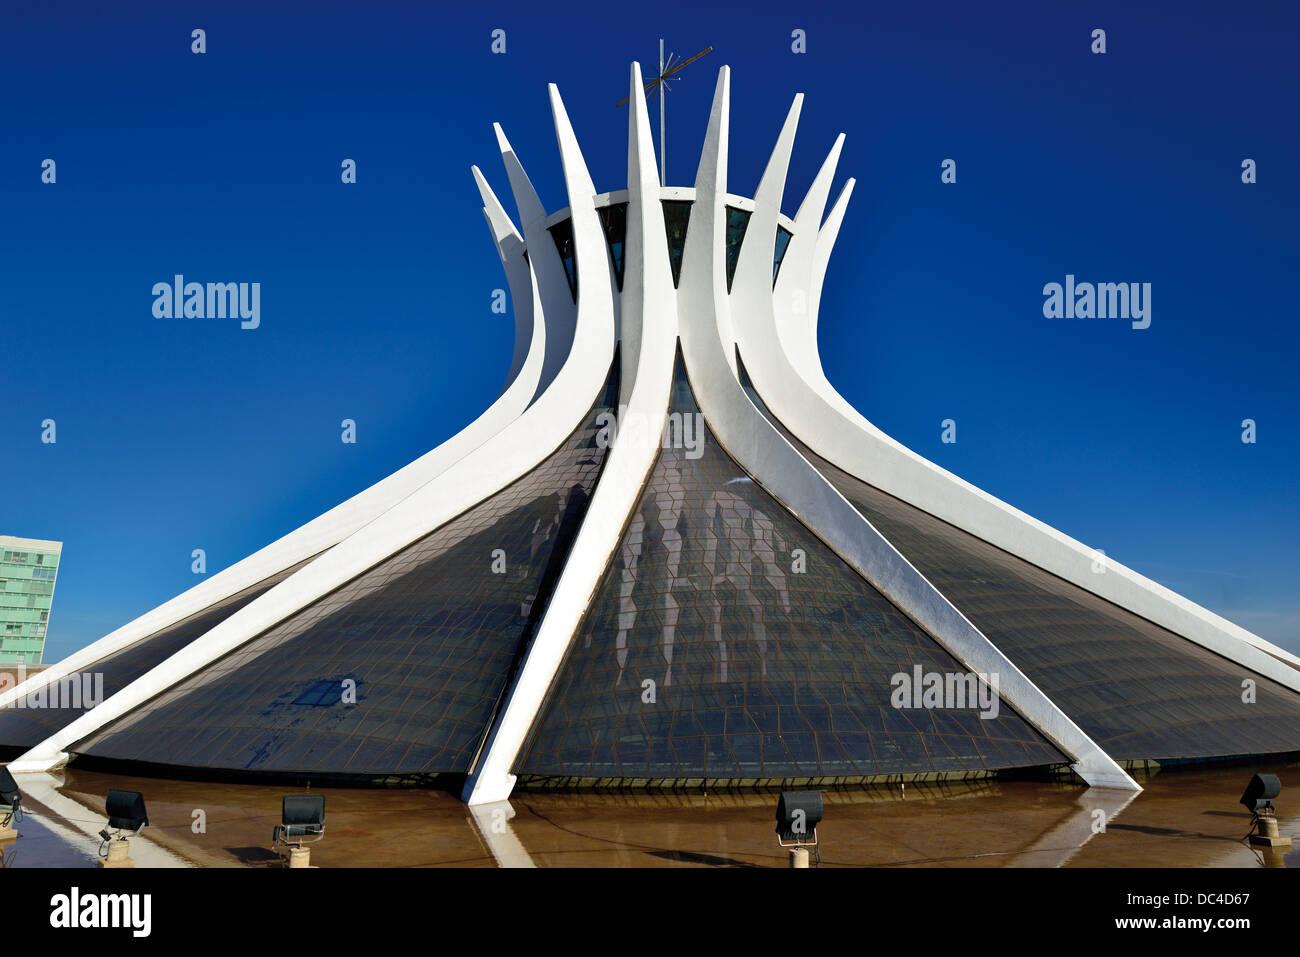 Brazil, Brasilia: Outside view of the cathedral 'Catedral Metropolitana da Nossa Senhora da Aparecida' of - Stock Image